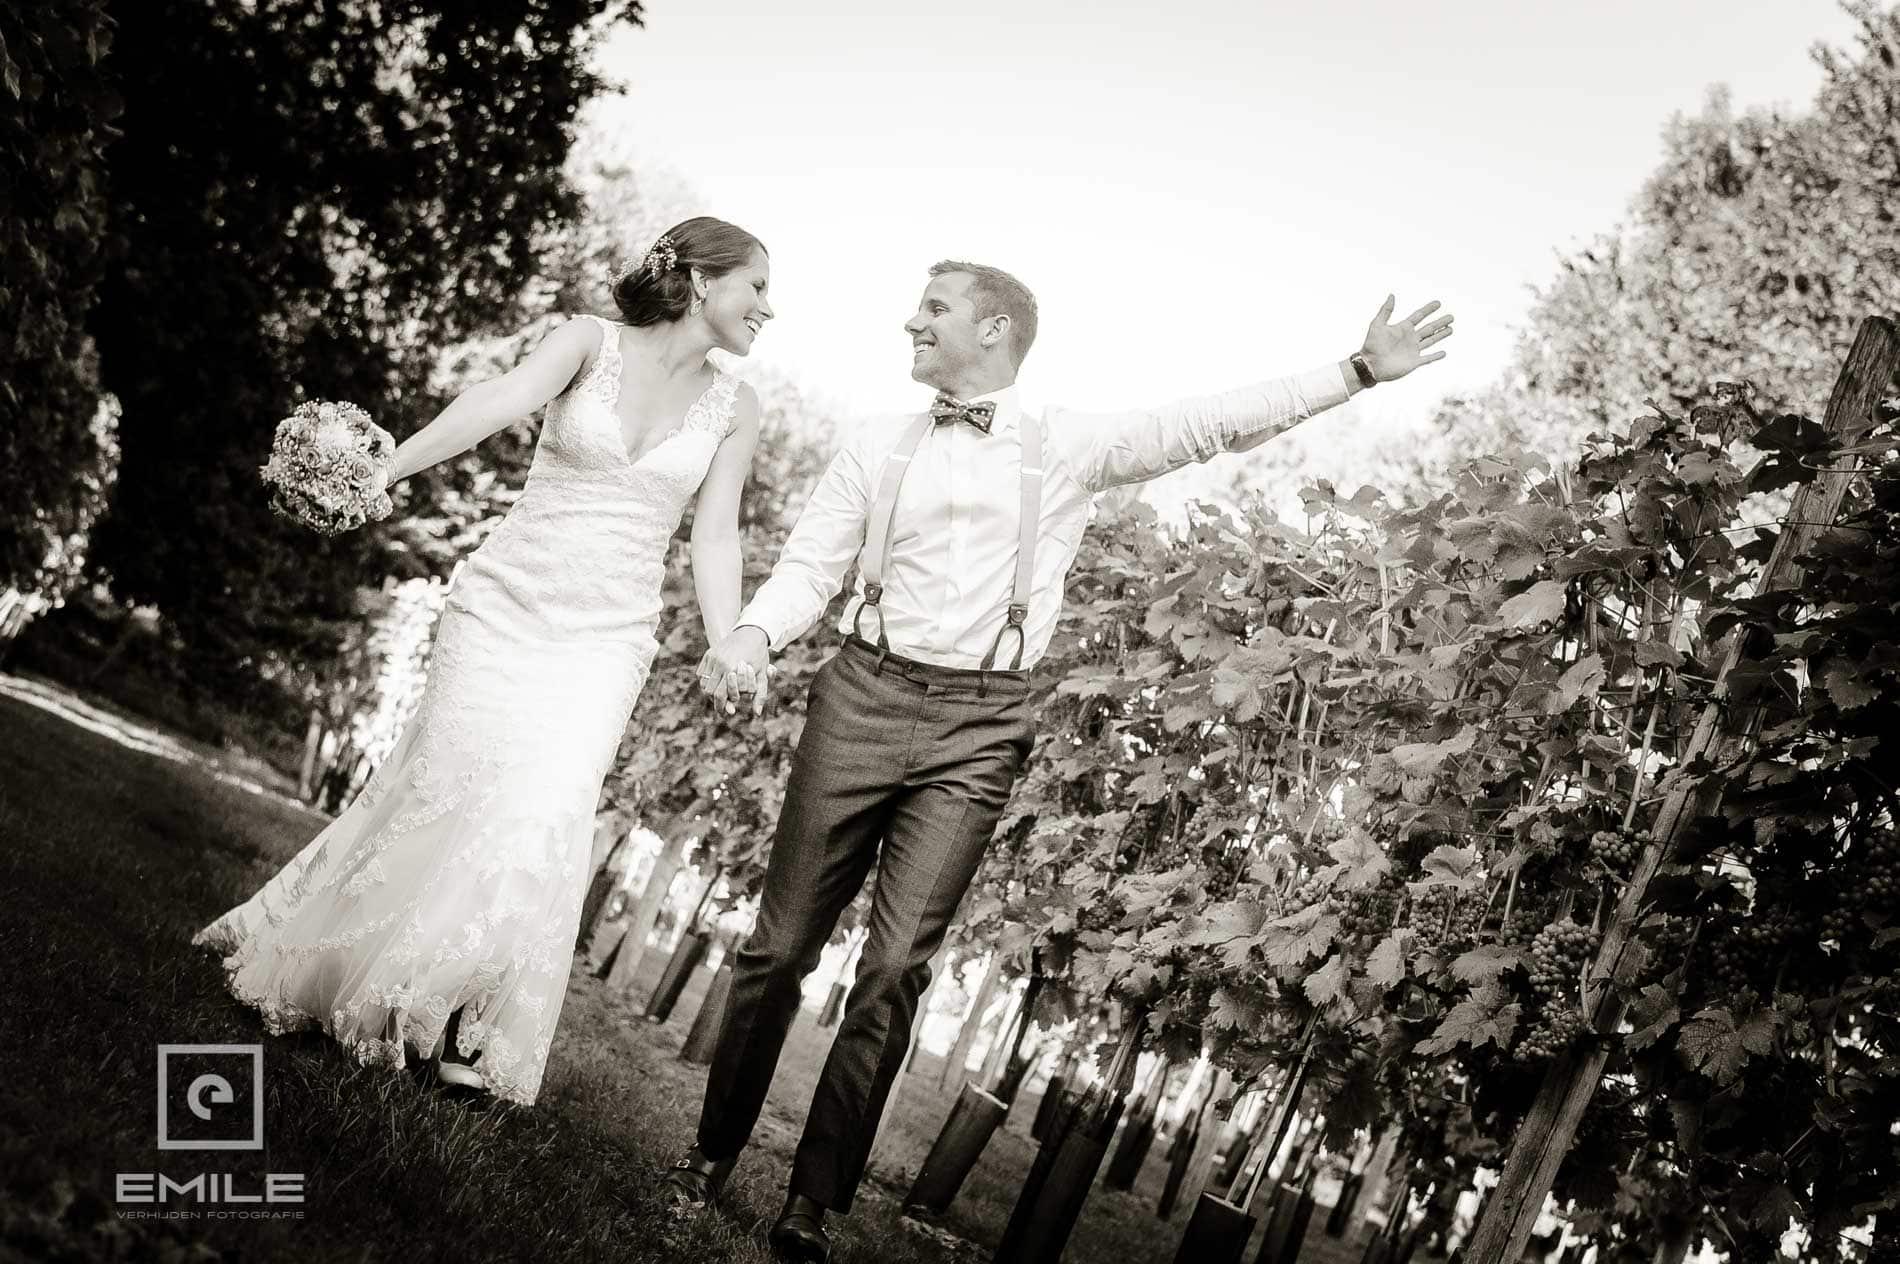 Bruidsfotograaf Landgraaf - Winselerhof. Samen rennen door de wei